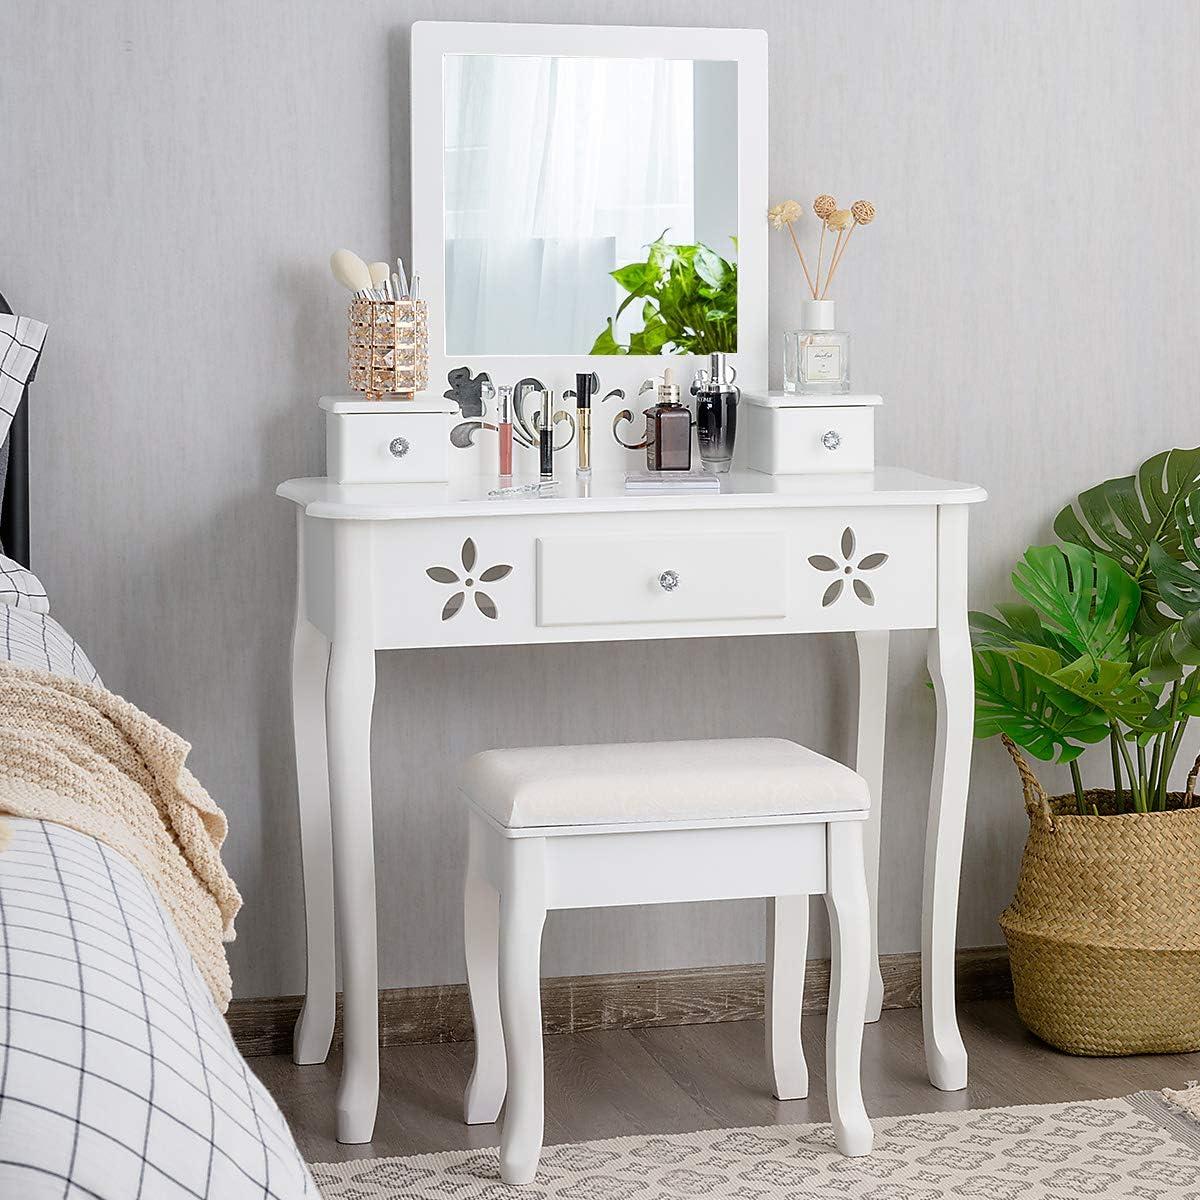 CHARMAID Vanity Table Set